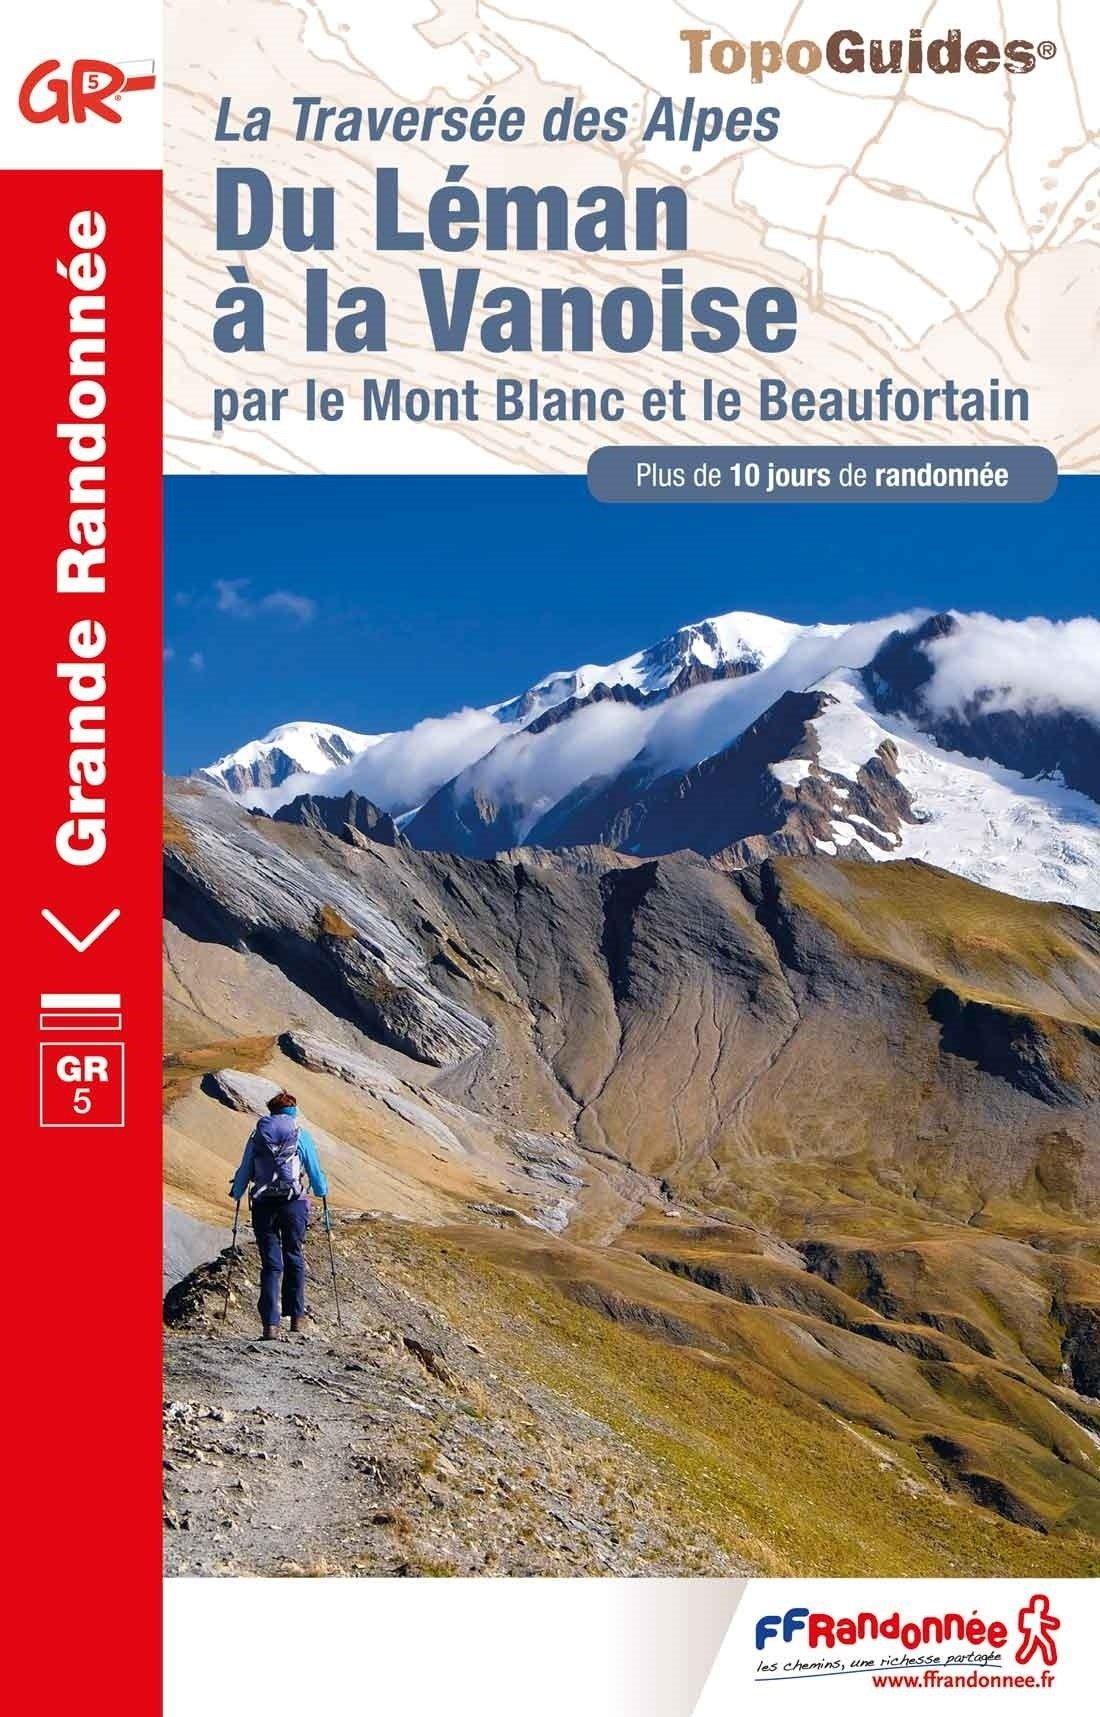 GR-5 | TG504  Du Léman à la Vanoise 9782751403088  FFRP Topoguides  Wandelgidsen, Meerdaagse wandelroutes Lyon, Ain, Savoie, Mont Blanc, Vanoise, Chartreuse